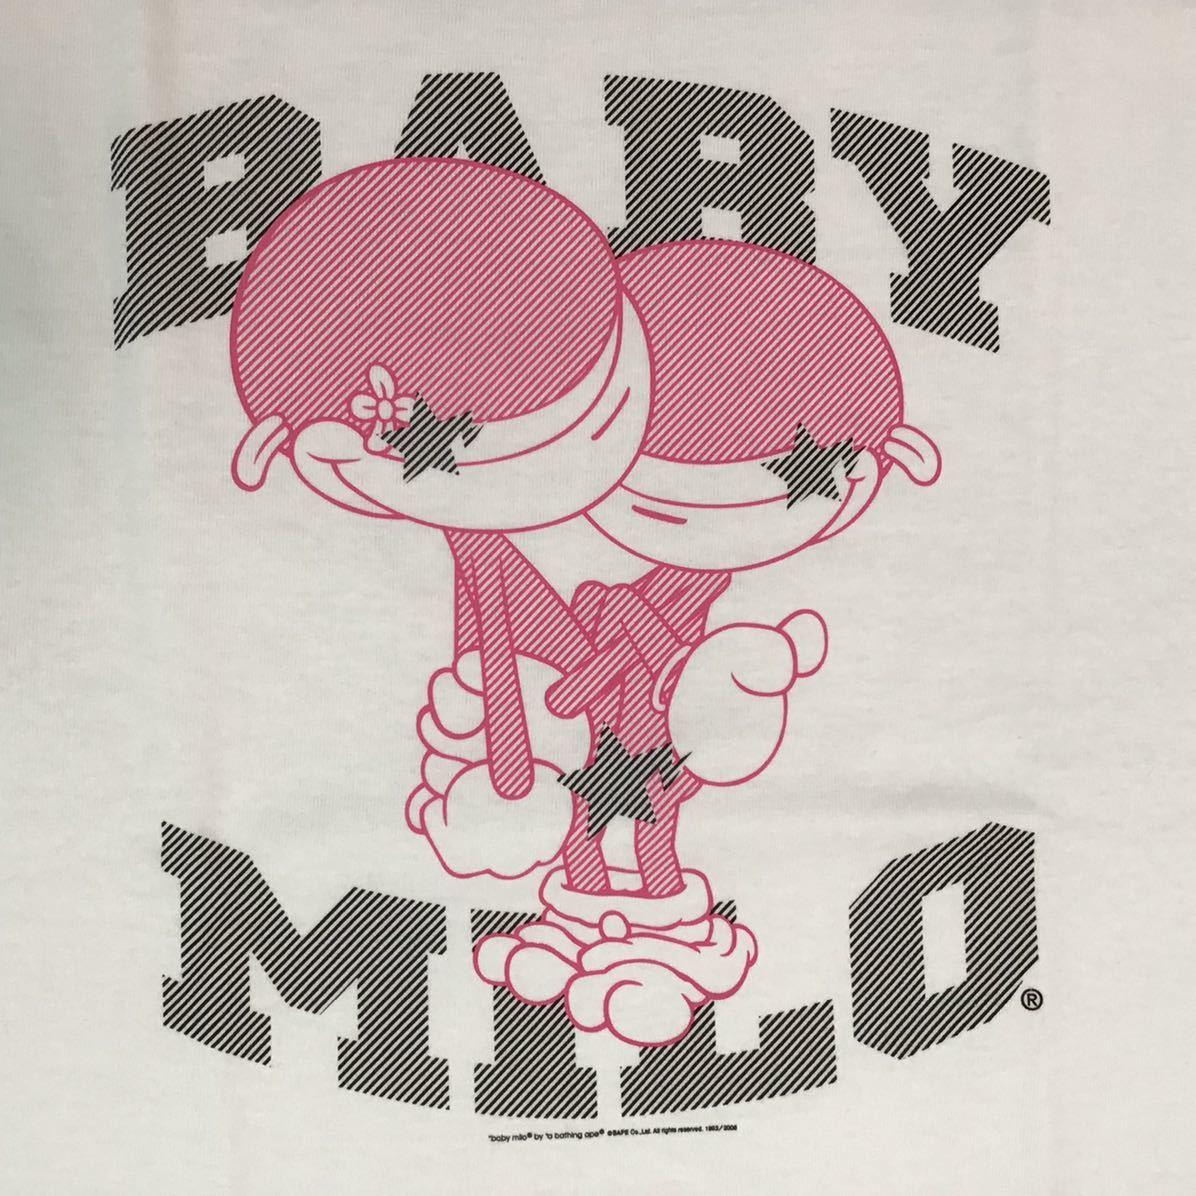 ★新品★ ムック限定 マイロ & リサ sexy Tシャツ Mサイズ milo a bathing ape bape mook limited エイプ ベイプ アベイシングエイプ mn8